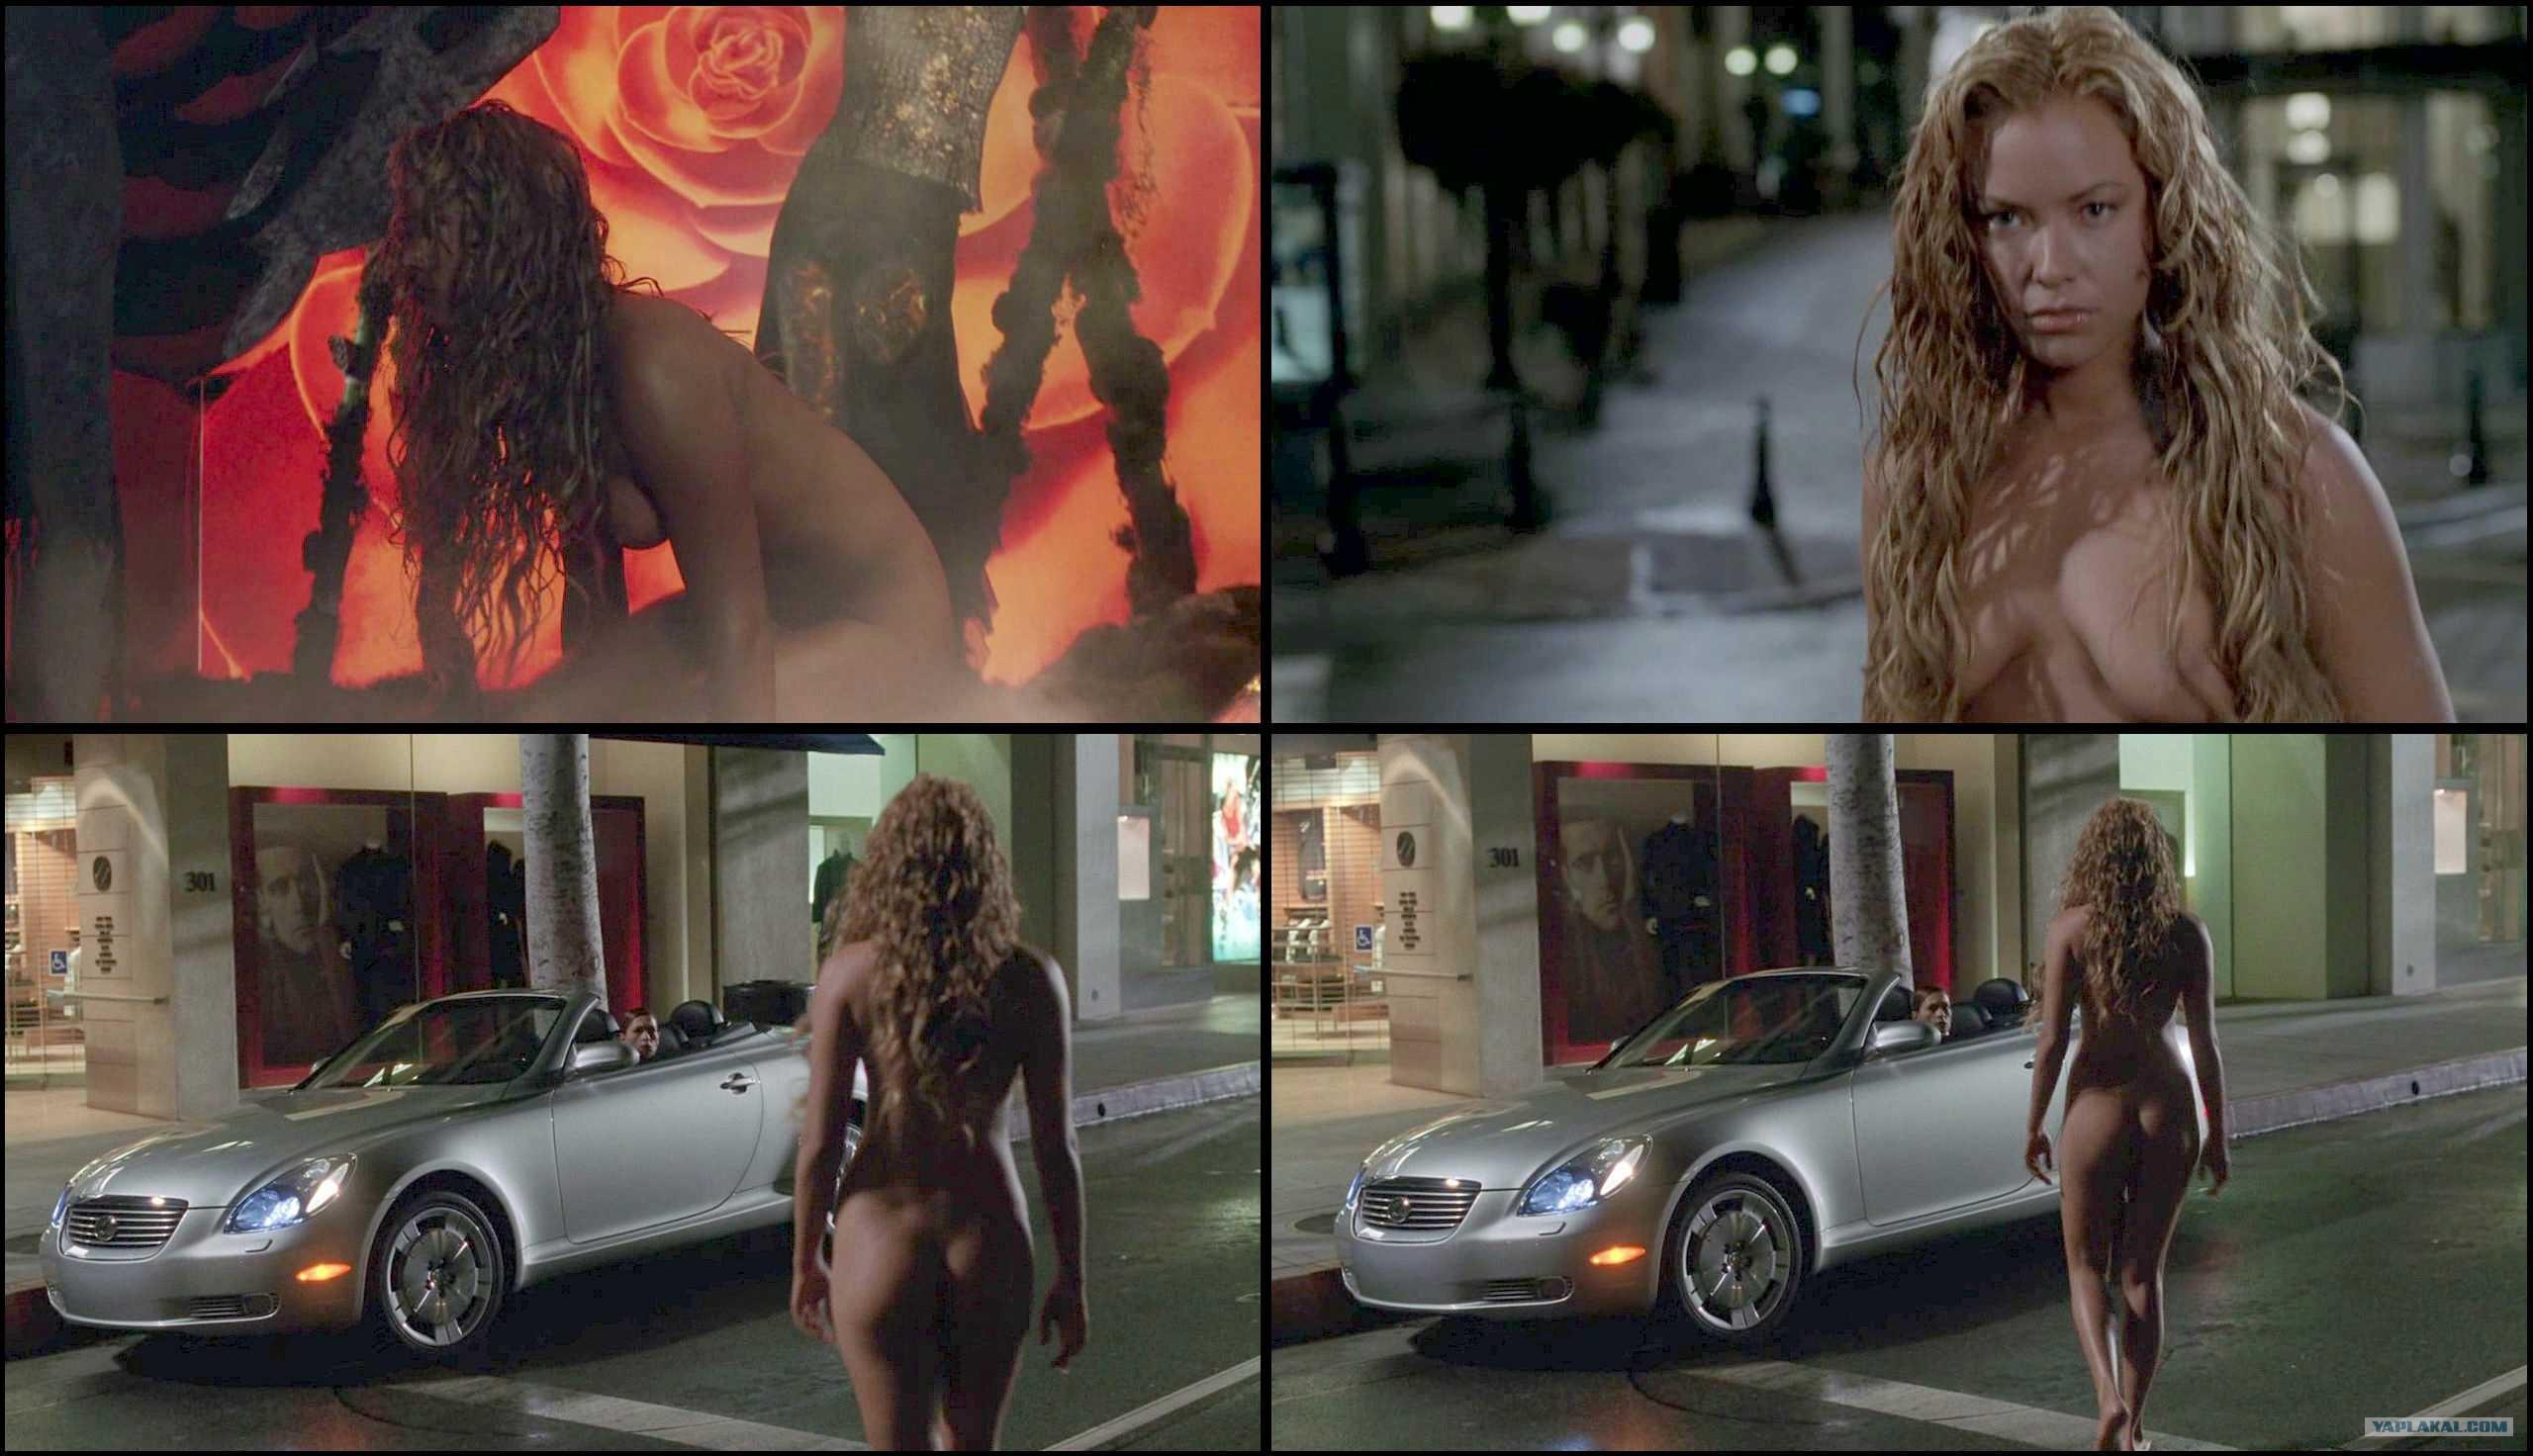 Terminator nude scene